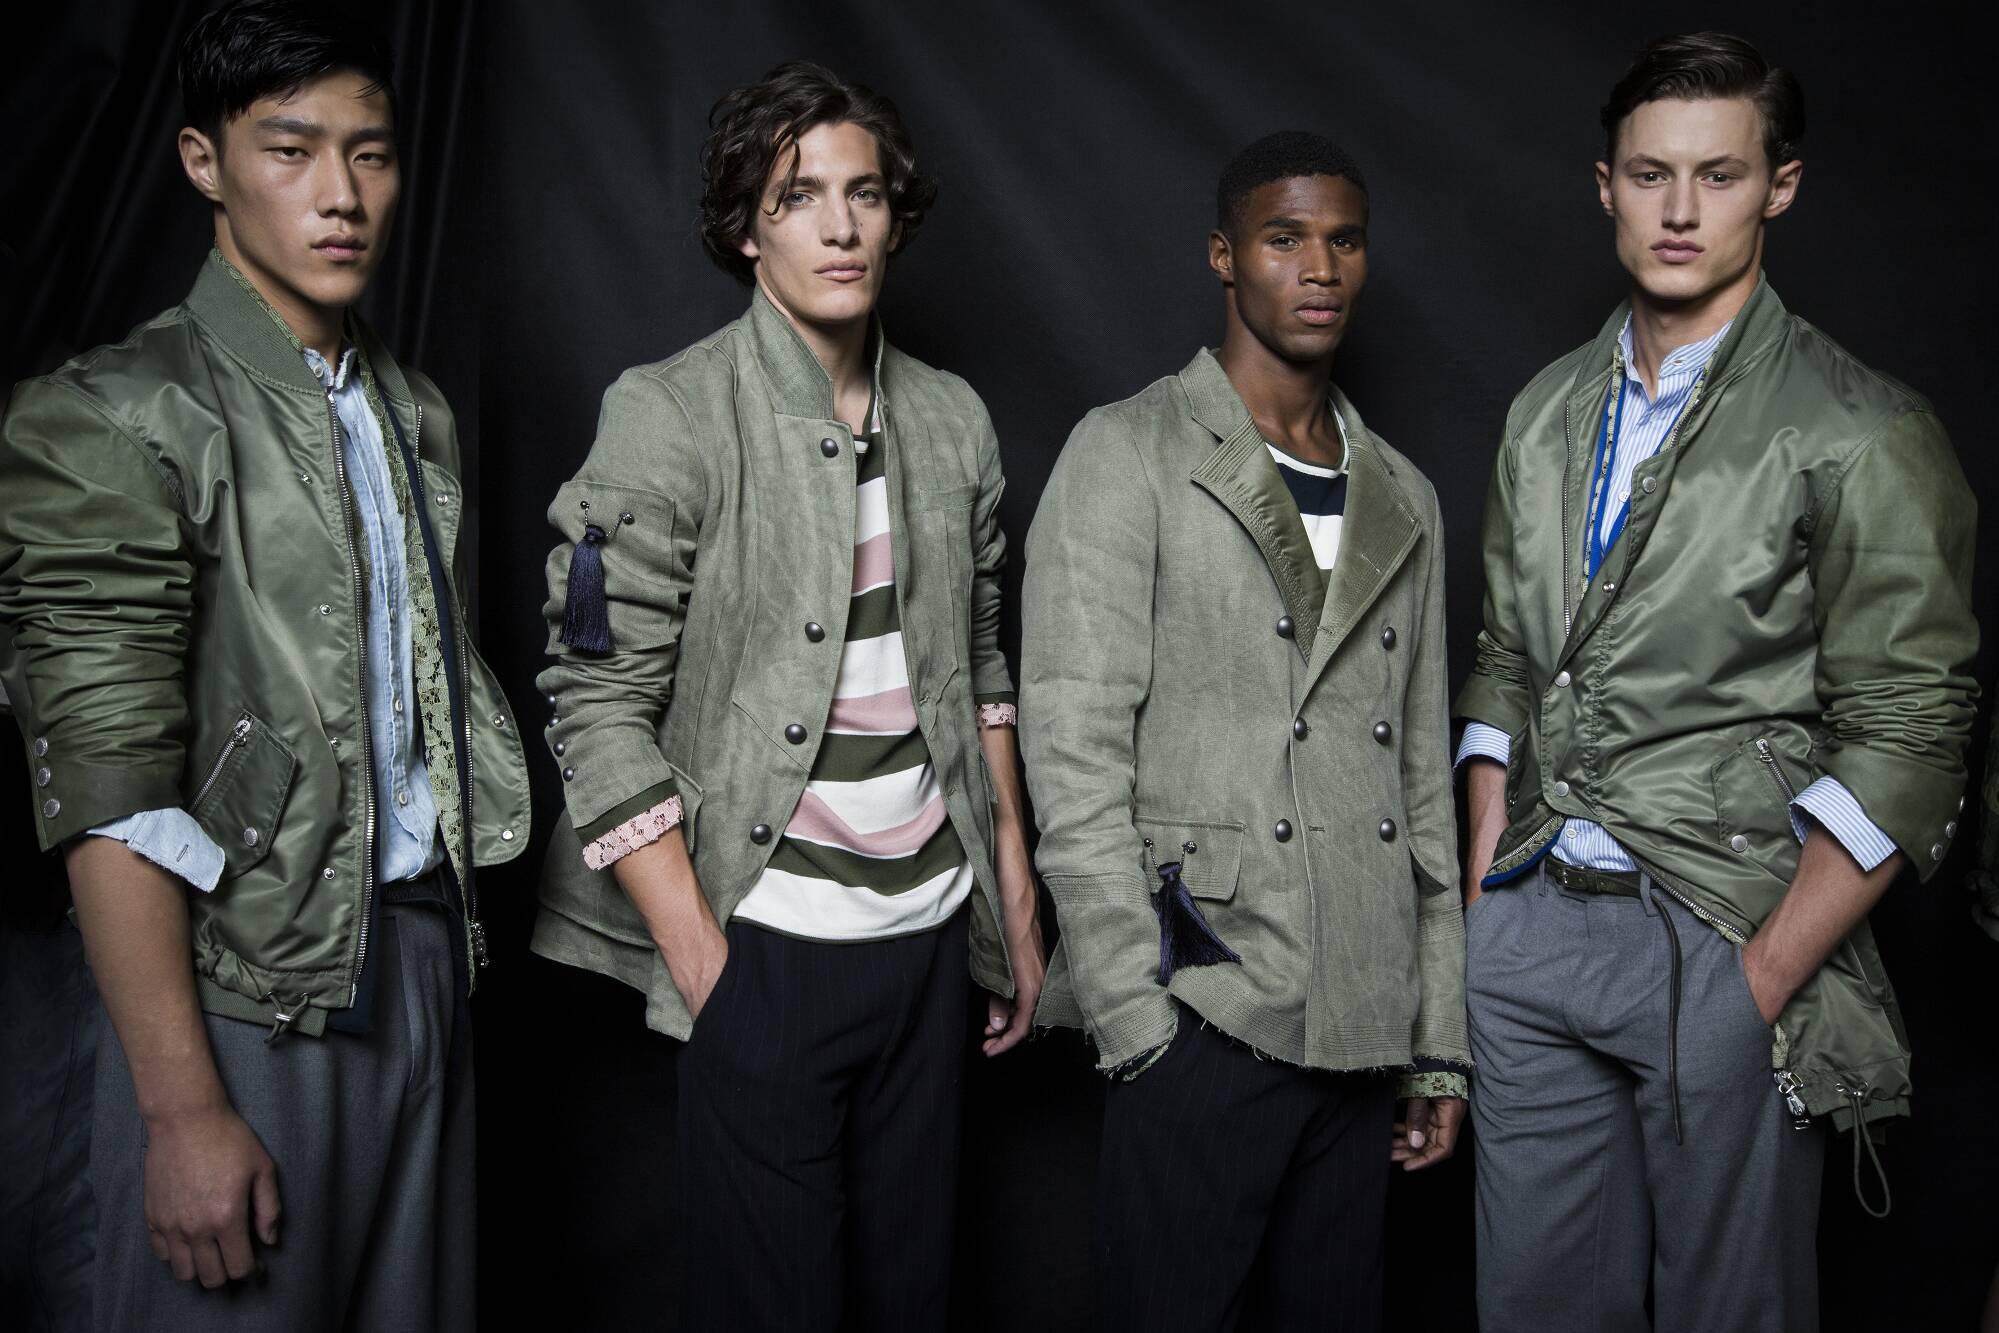 Fashion Models Ermanno Scervino Backstage